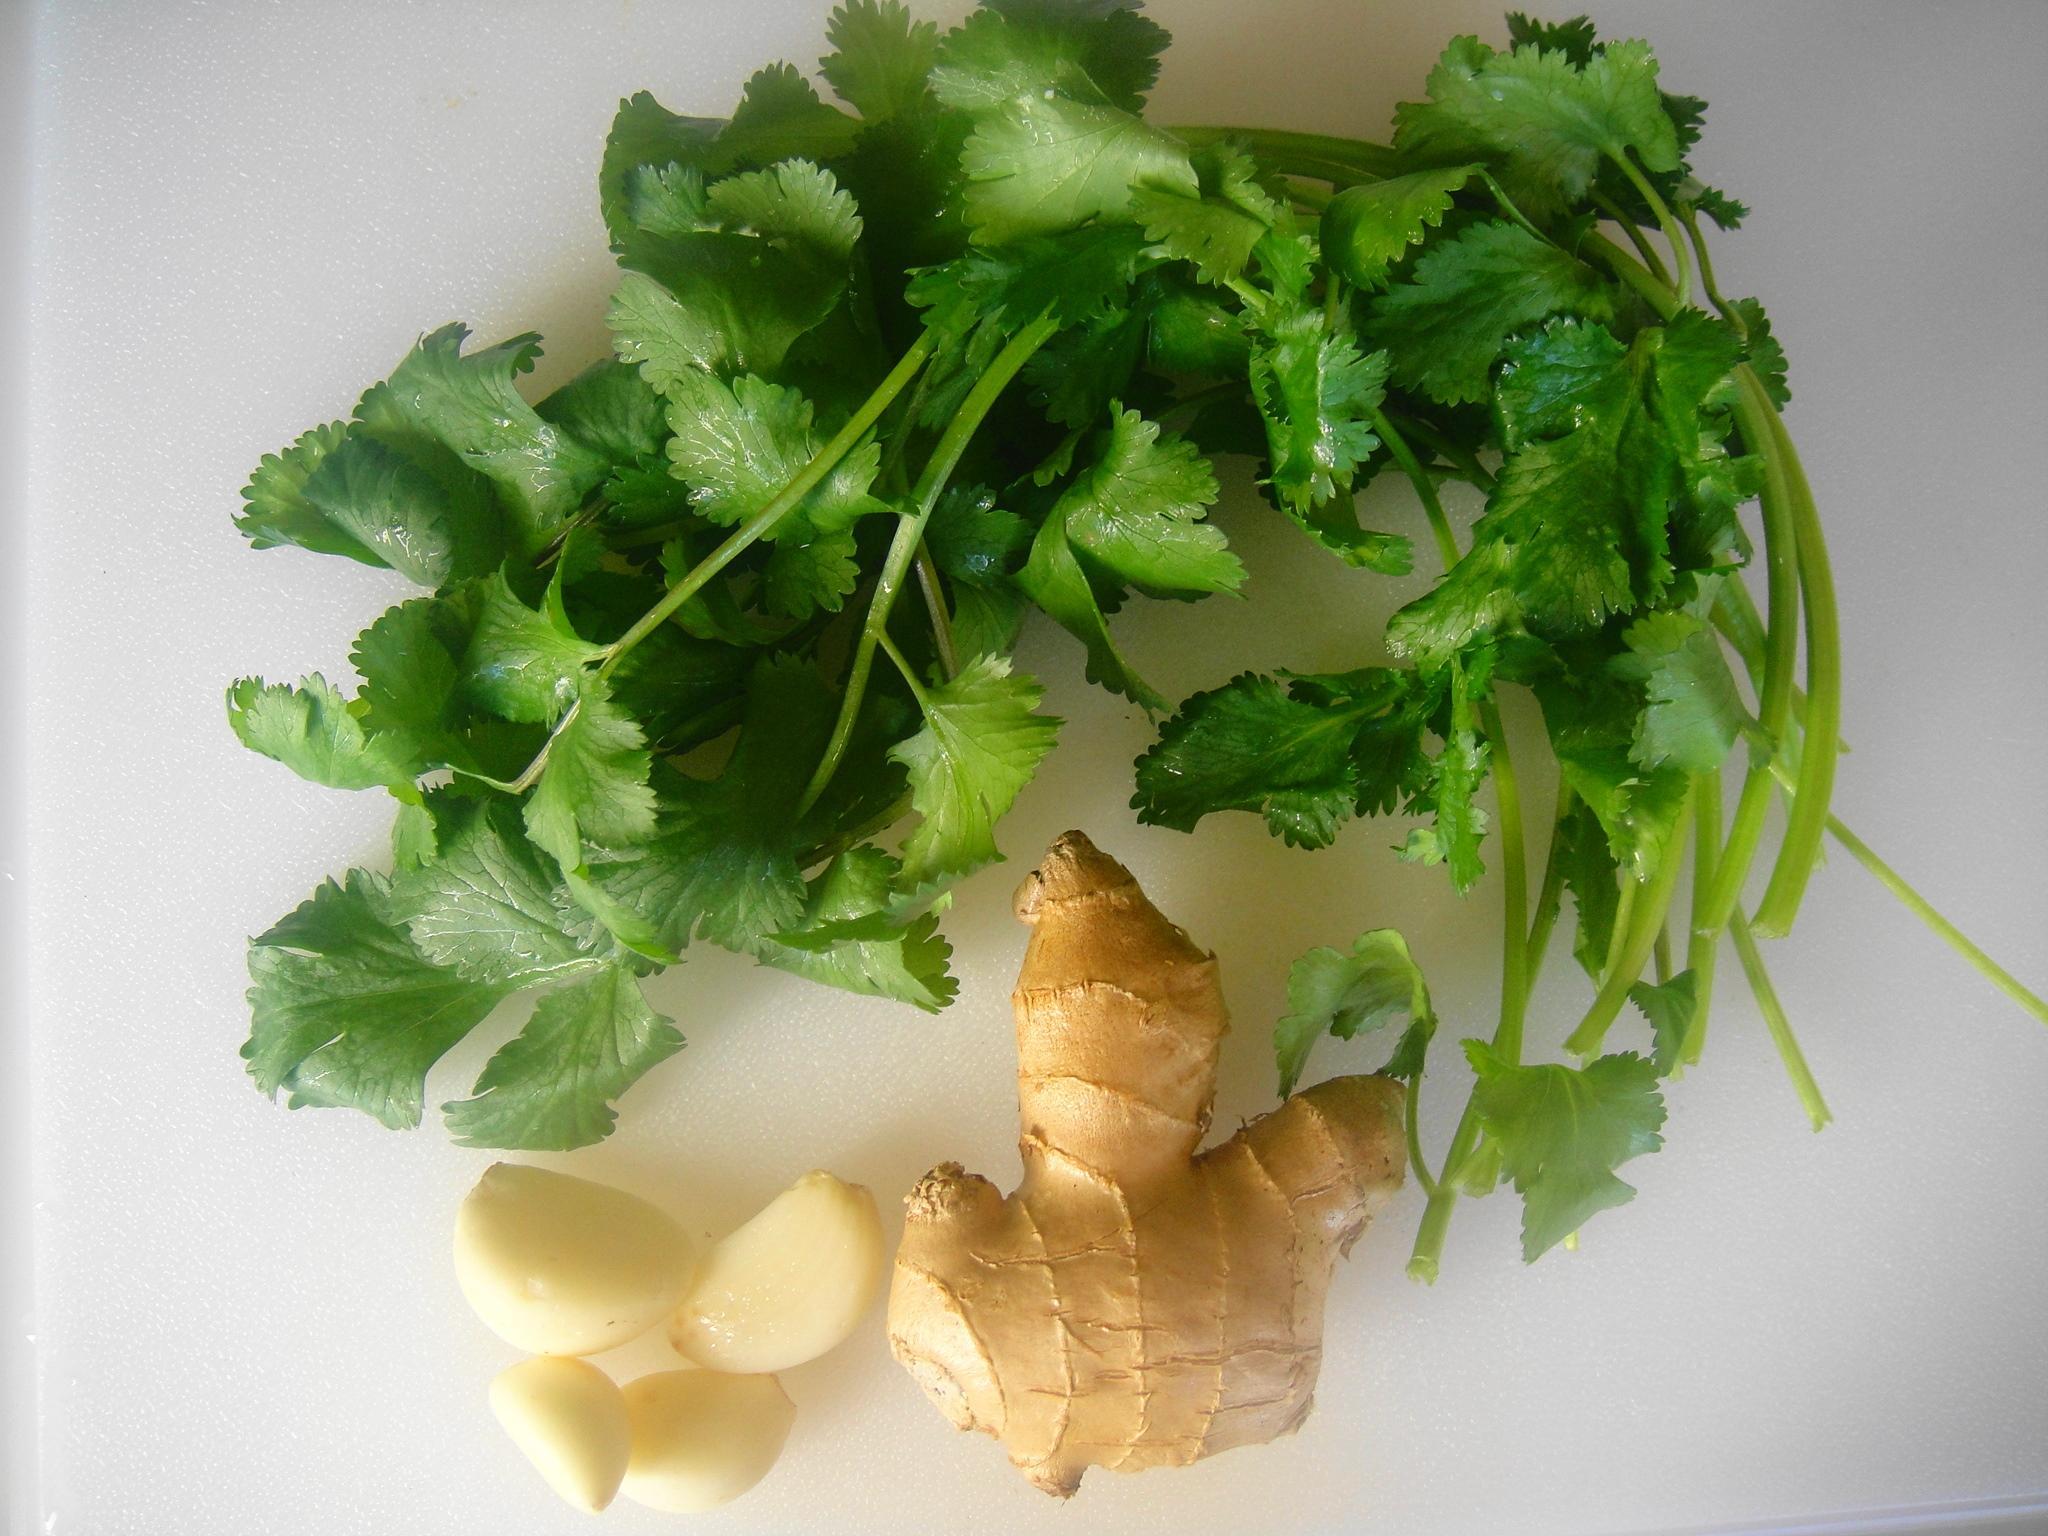 ginger garlic coriander ingredients